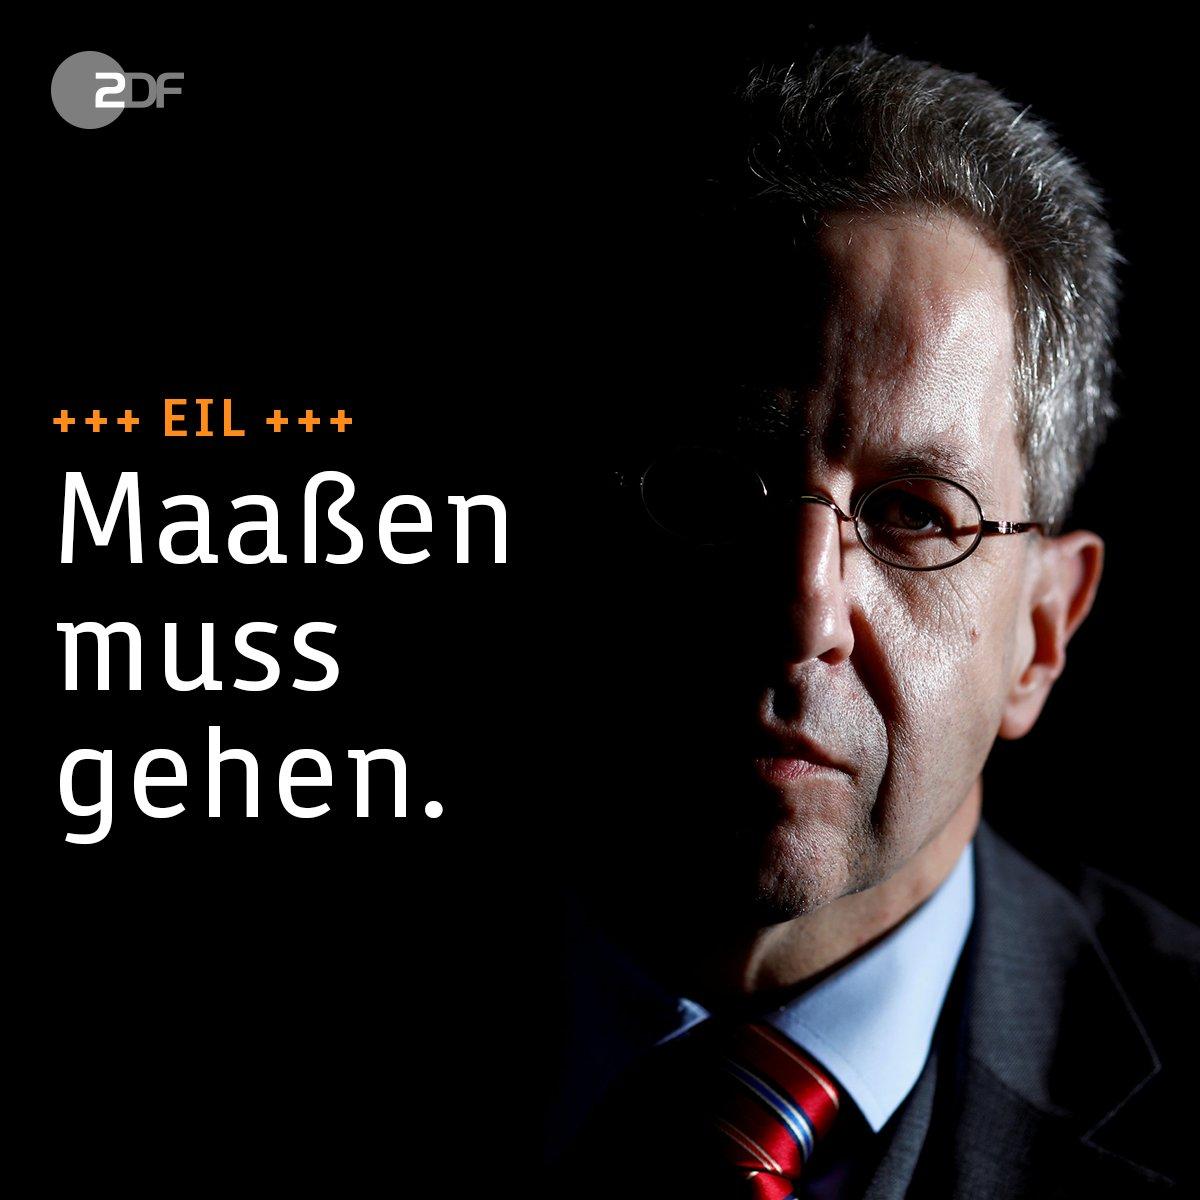 Verfassungsschutzpräsident #Maassen muss seinen Posten räumen. Das ist das Ergebnis eines Krisengesprächs der Parteichefs von #CDU, #CSU und #SPD.